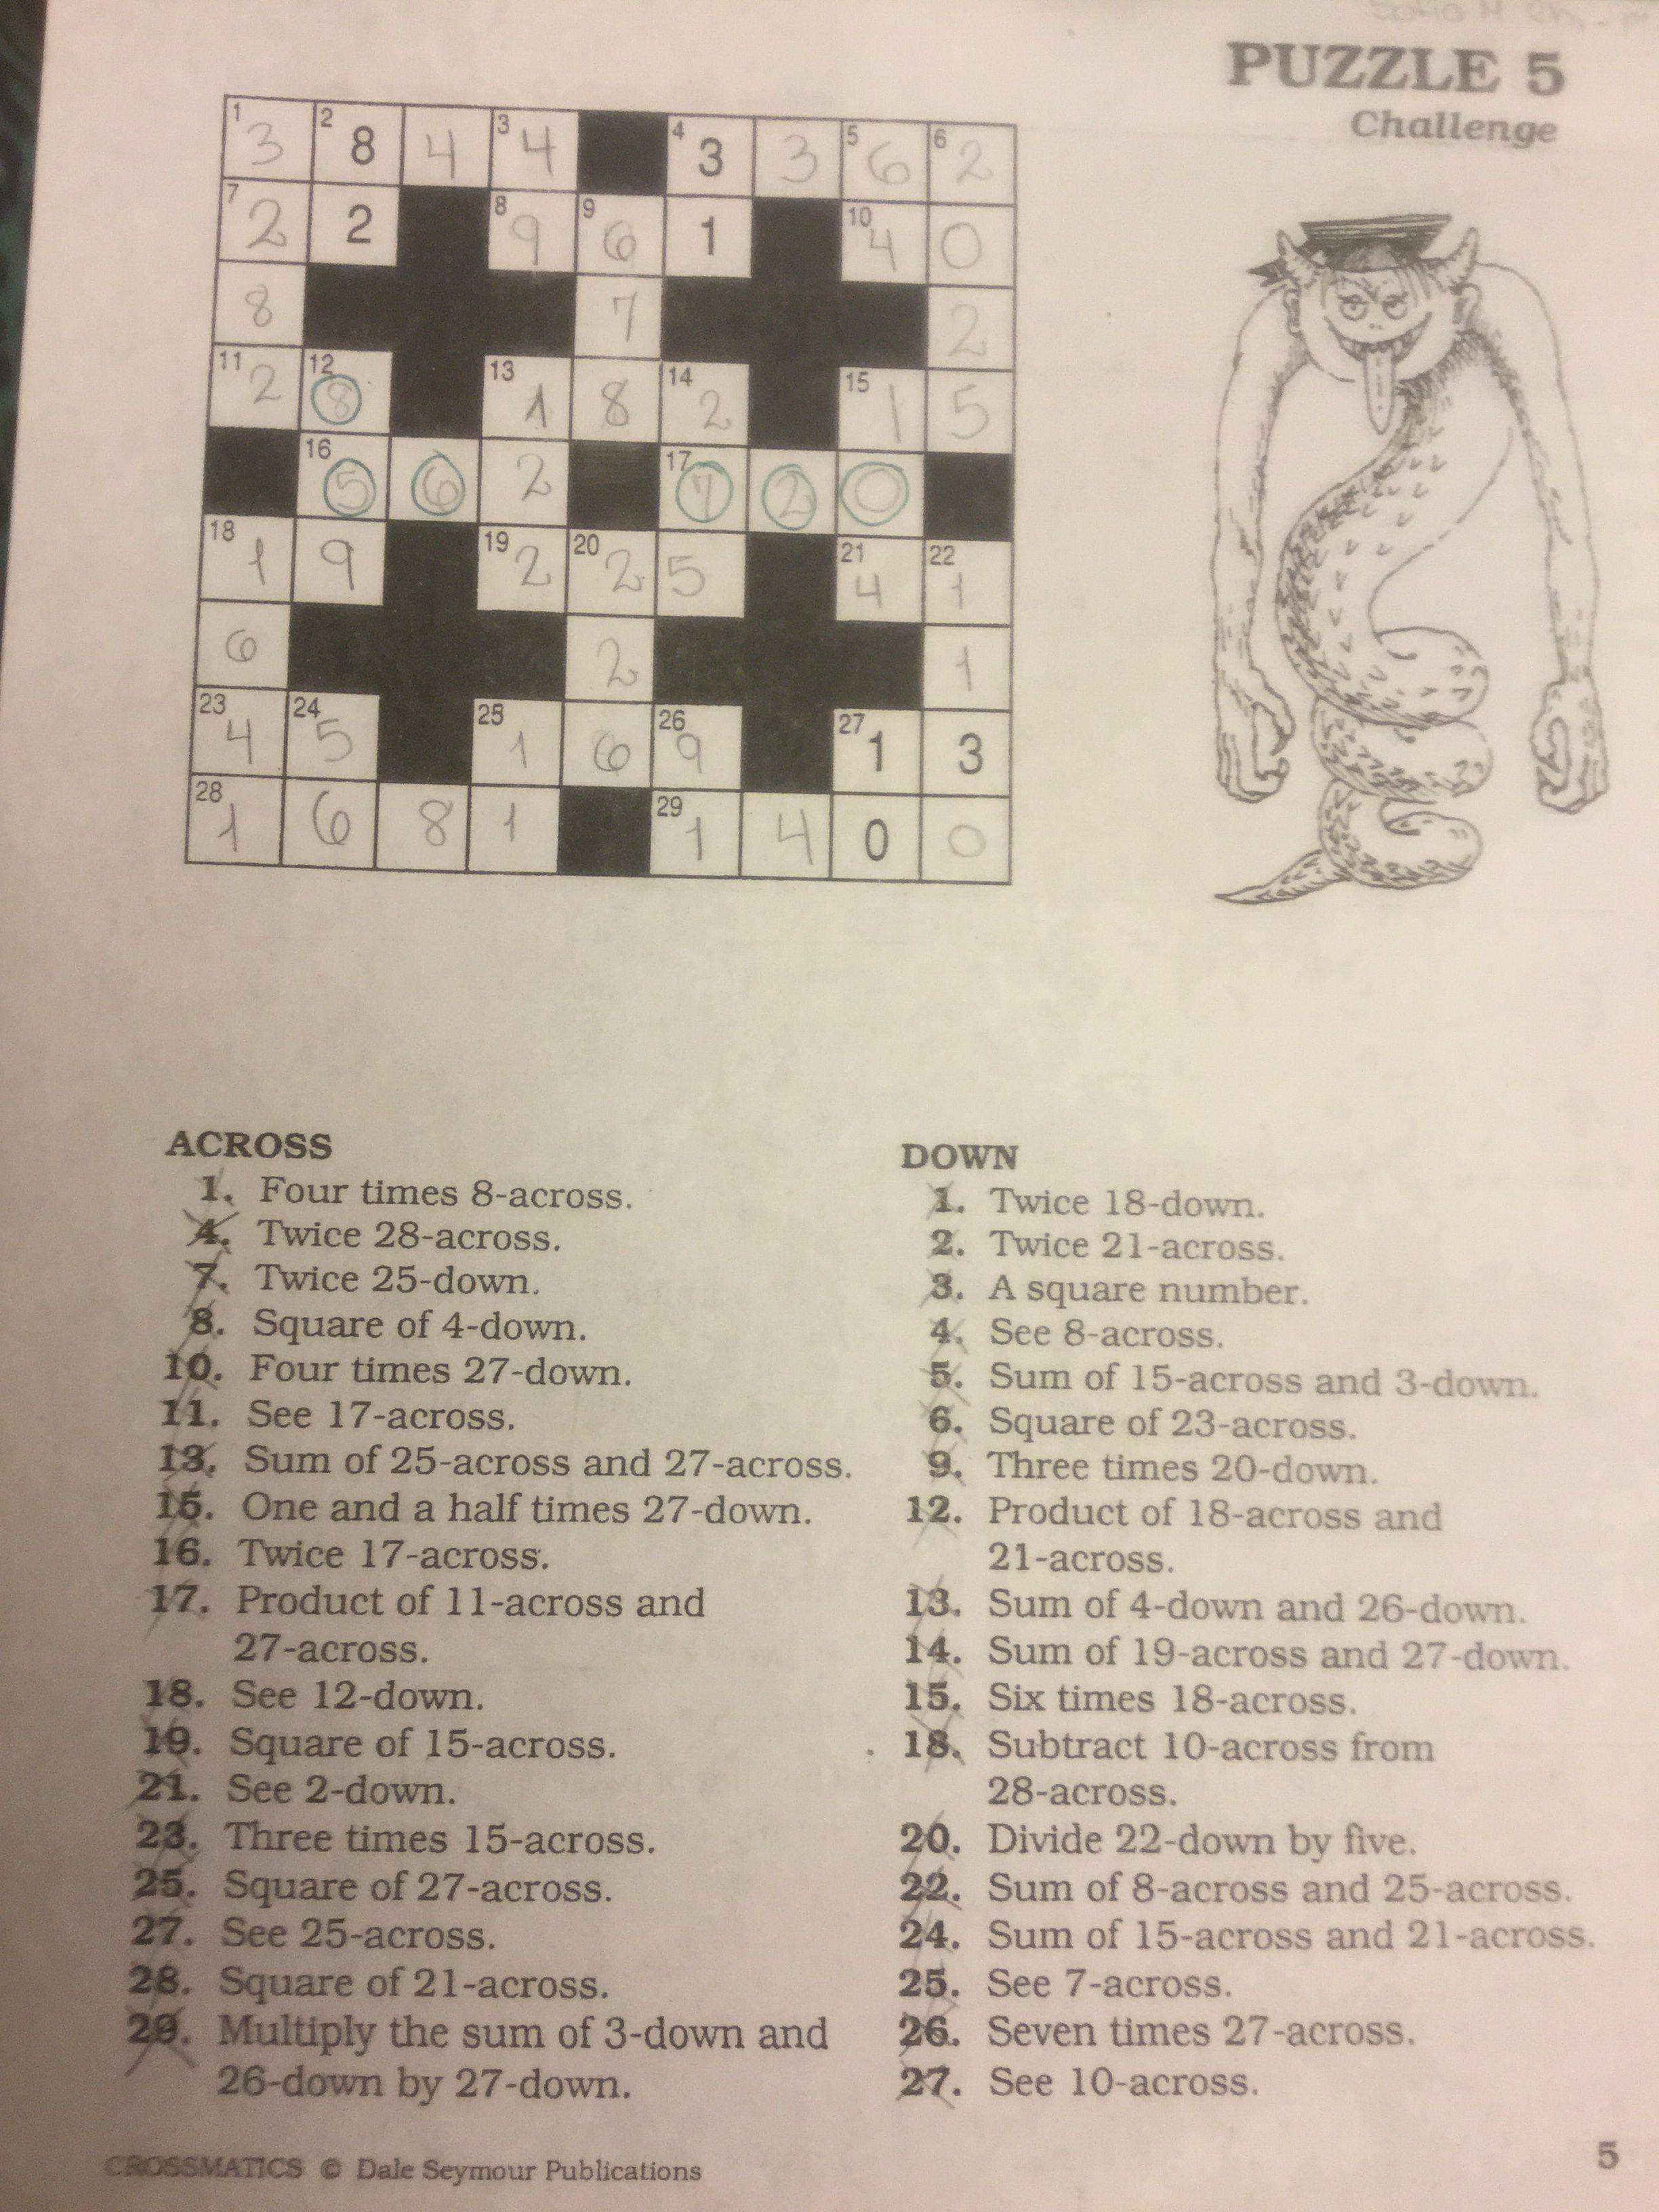 Puzzle #5   Crossmatics ~ Dale Seymour Publications   Puzzle - Free Printable Crossword Puzzle #5